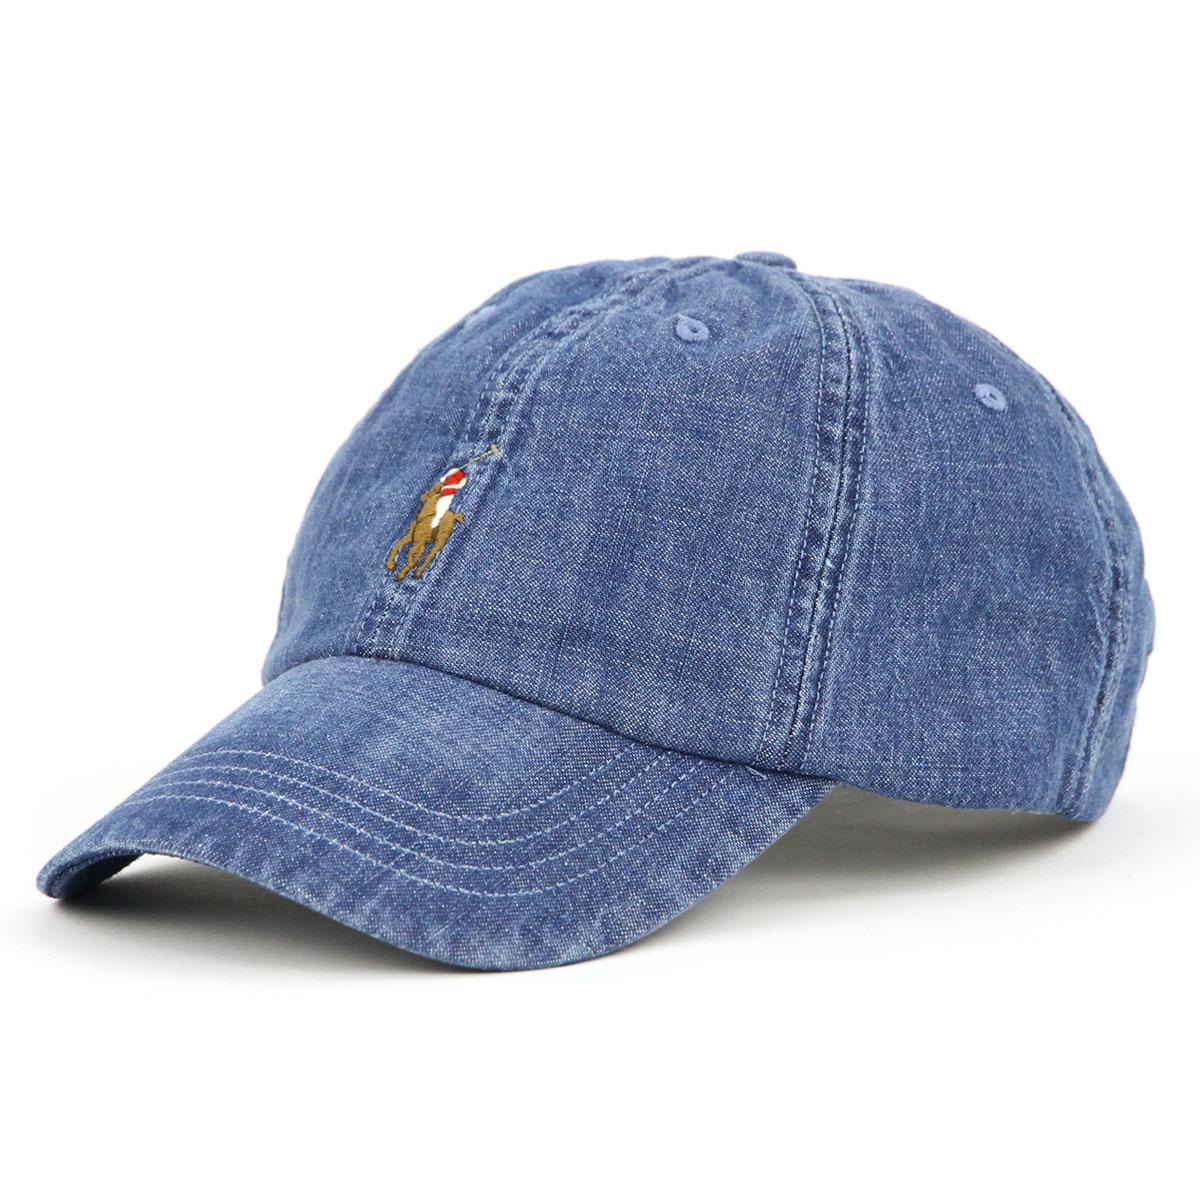 Polo Ralph Lauren POLO RALPH LAUREN regular article men hat cap COTTON  CHINO BASEBALL CAP b80d81d8c519